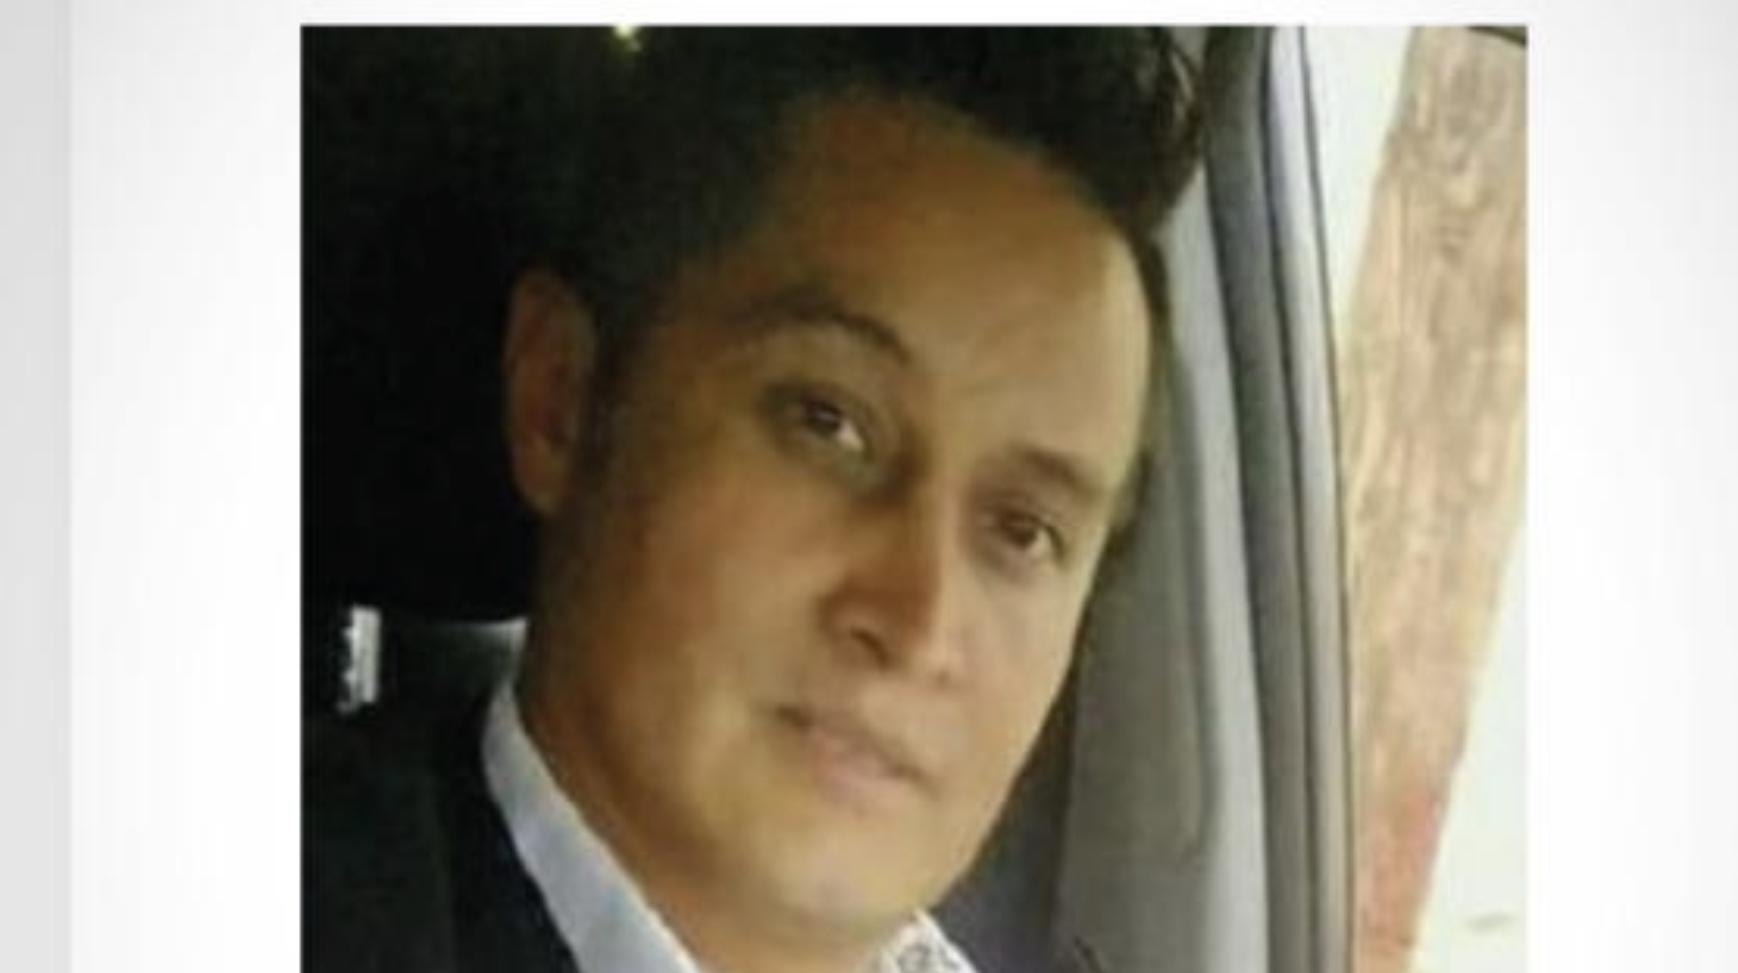 La Fiscalía General de Justicia del Estado de México (FGJEM), autorizó el ofrecimiento de una recompensa de hasta 500 mil pesos a quien o quienes aporten información útil, veraz y oportuna, relacionada con la investigación que realiza esta Institución que coadyuve a la efectiva localización de Edgar Villalva Ceballos.